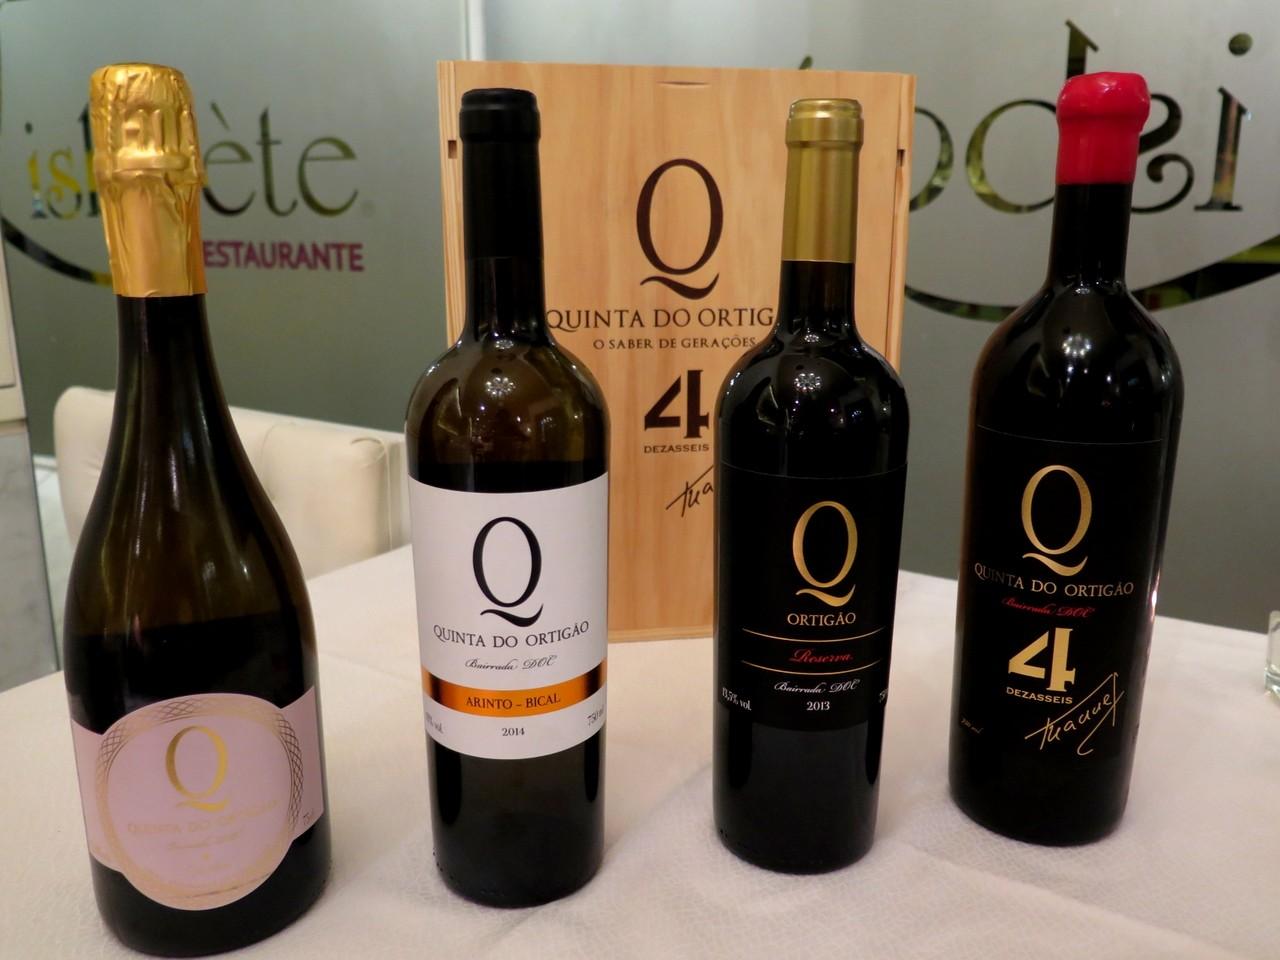 4 dos 6 vinhos da Quinta do Ortigão apresentados no LISBOÈTE